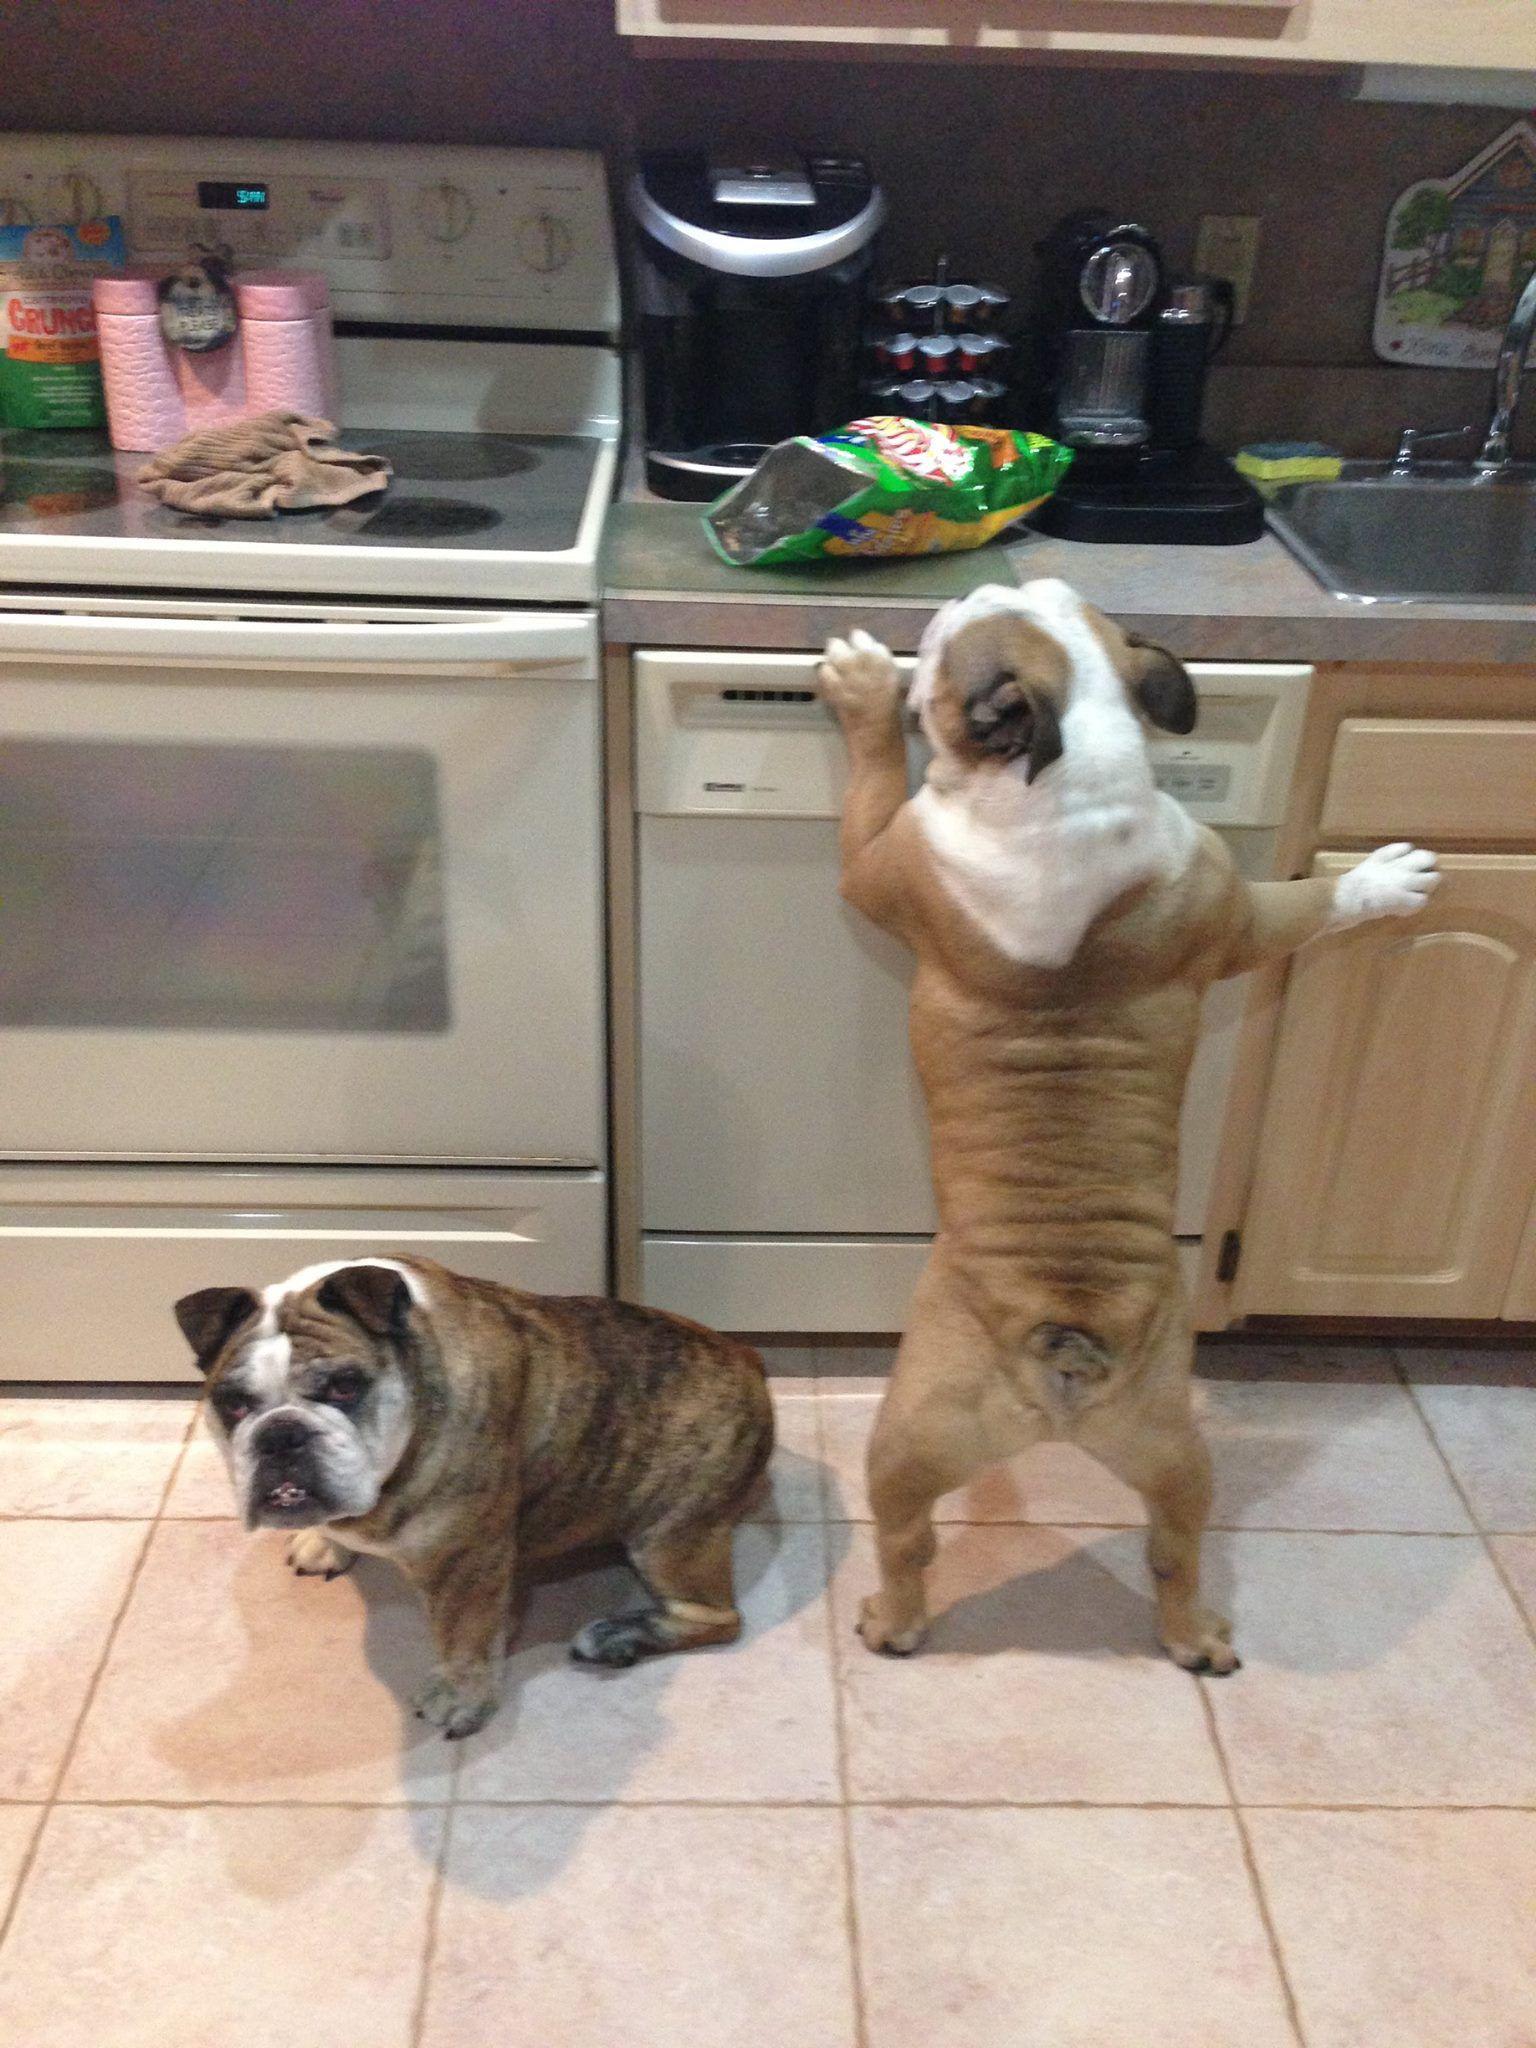 I Ll Stand Guard You Grab The Chips Bulldog Puppies English